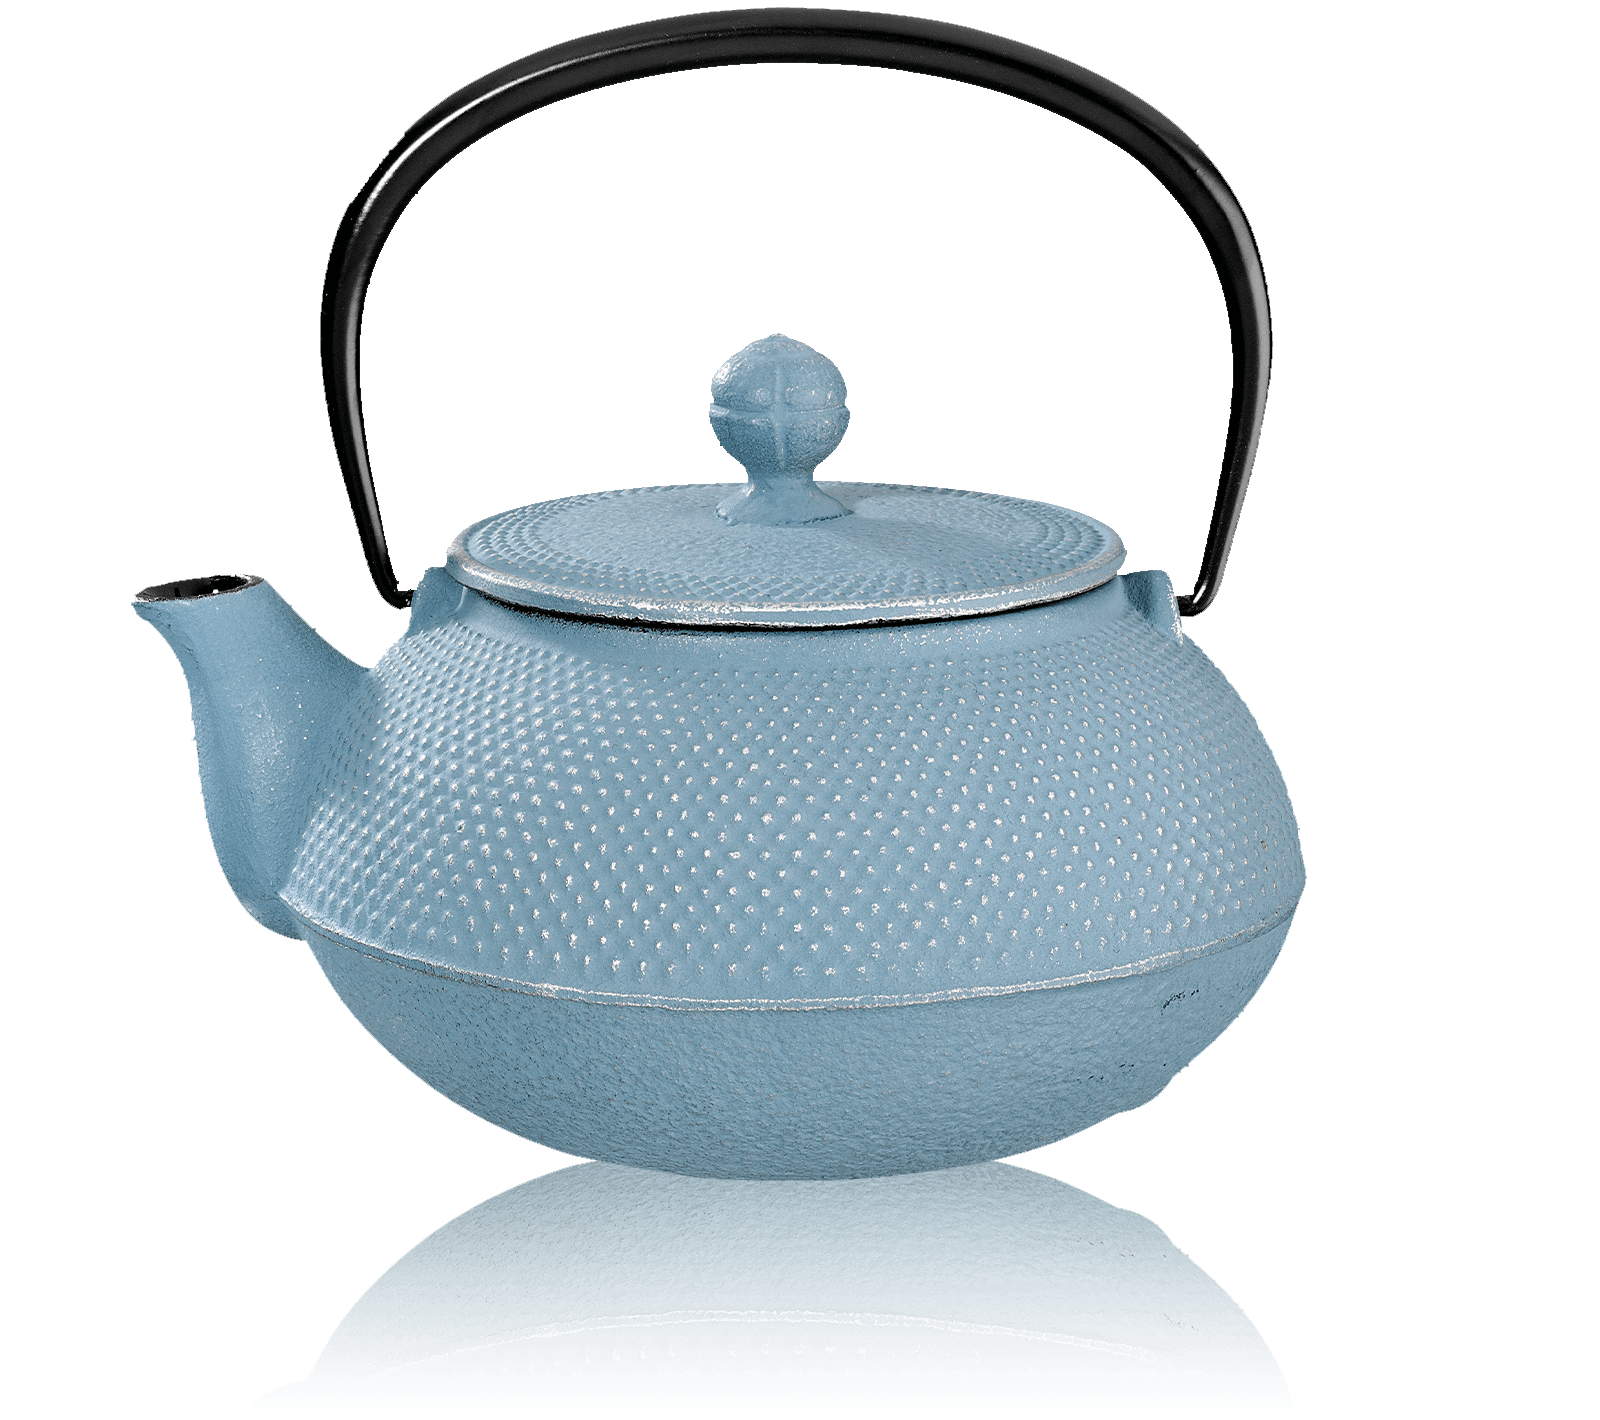 Théière fonte Arare 0,55L - Accessoire pour le thé - Kusmi Tea